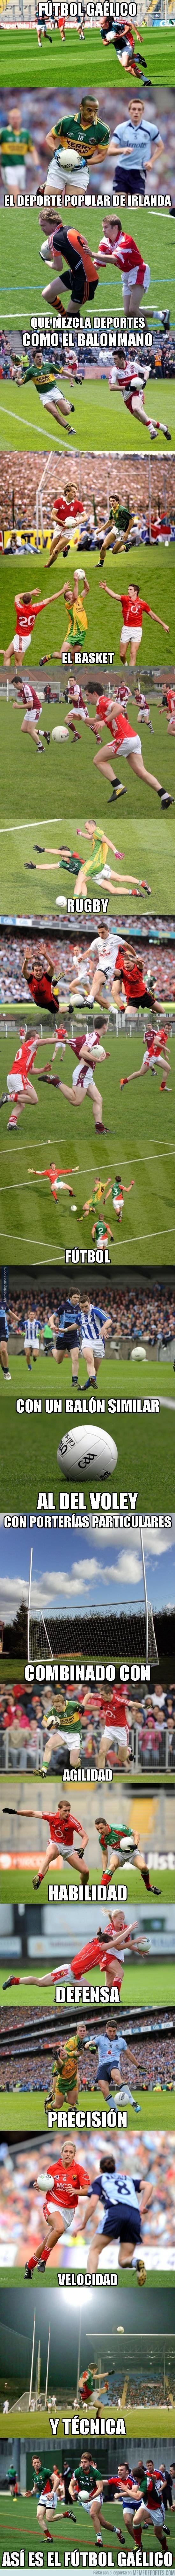 733832 - El fútbol gaélico